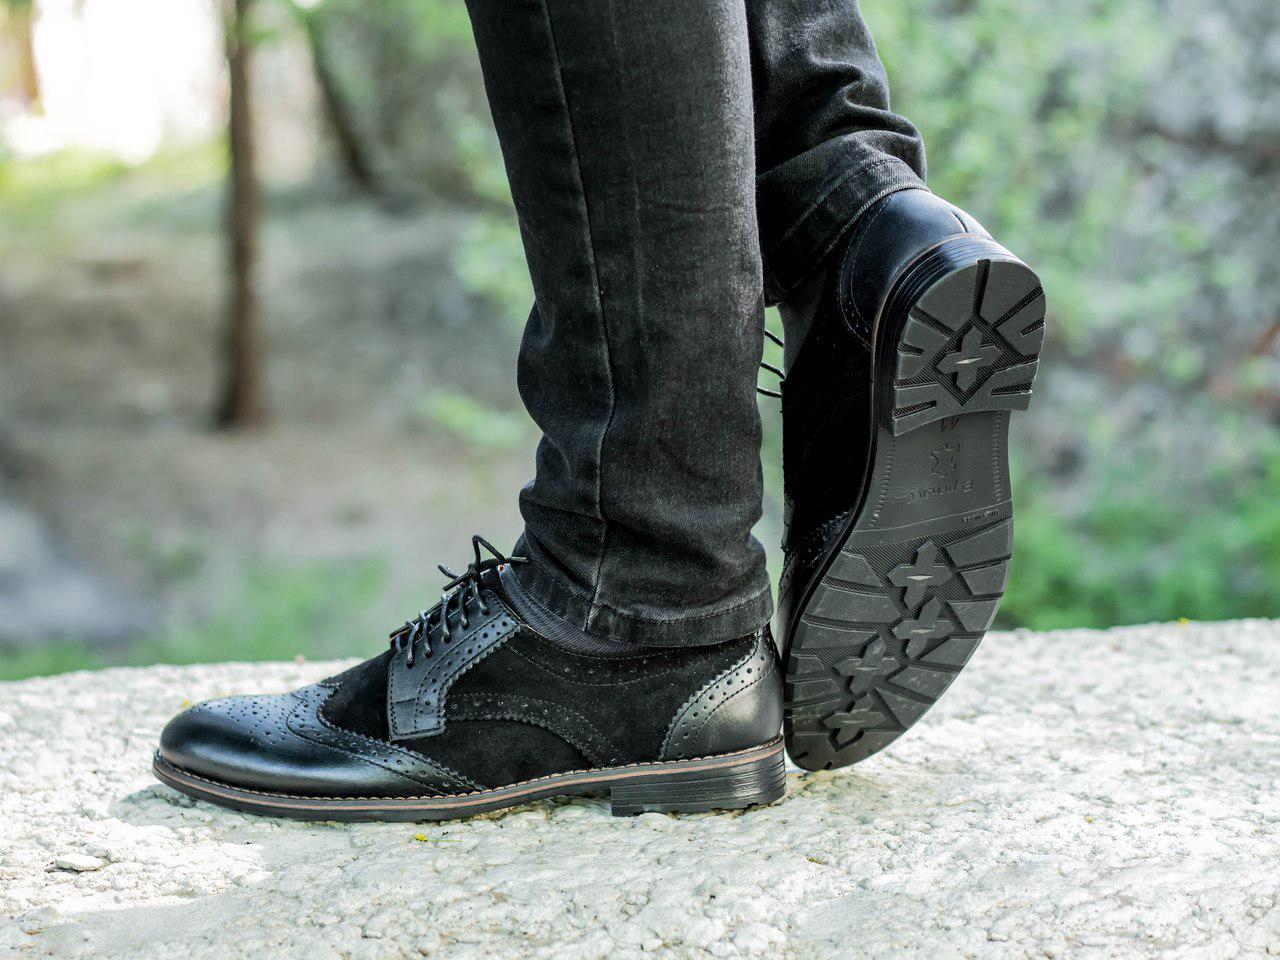 Туфлі броги чоловічі чорні шкіра та замша (Onyx) від бренду Legessy розмір 40, 41, 42, 43, 44, 45, фото 1